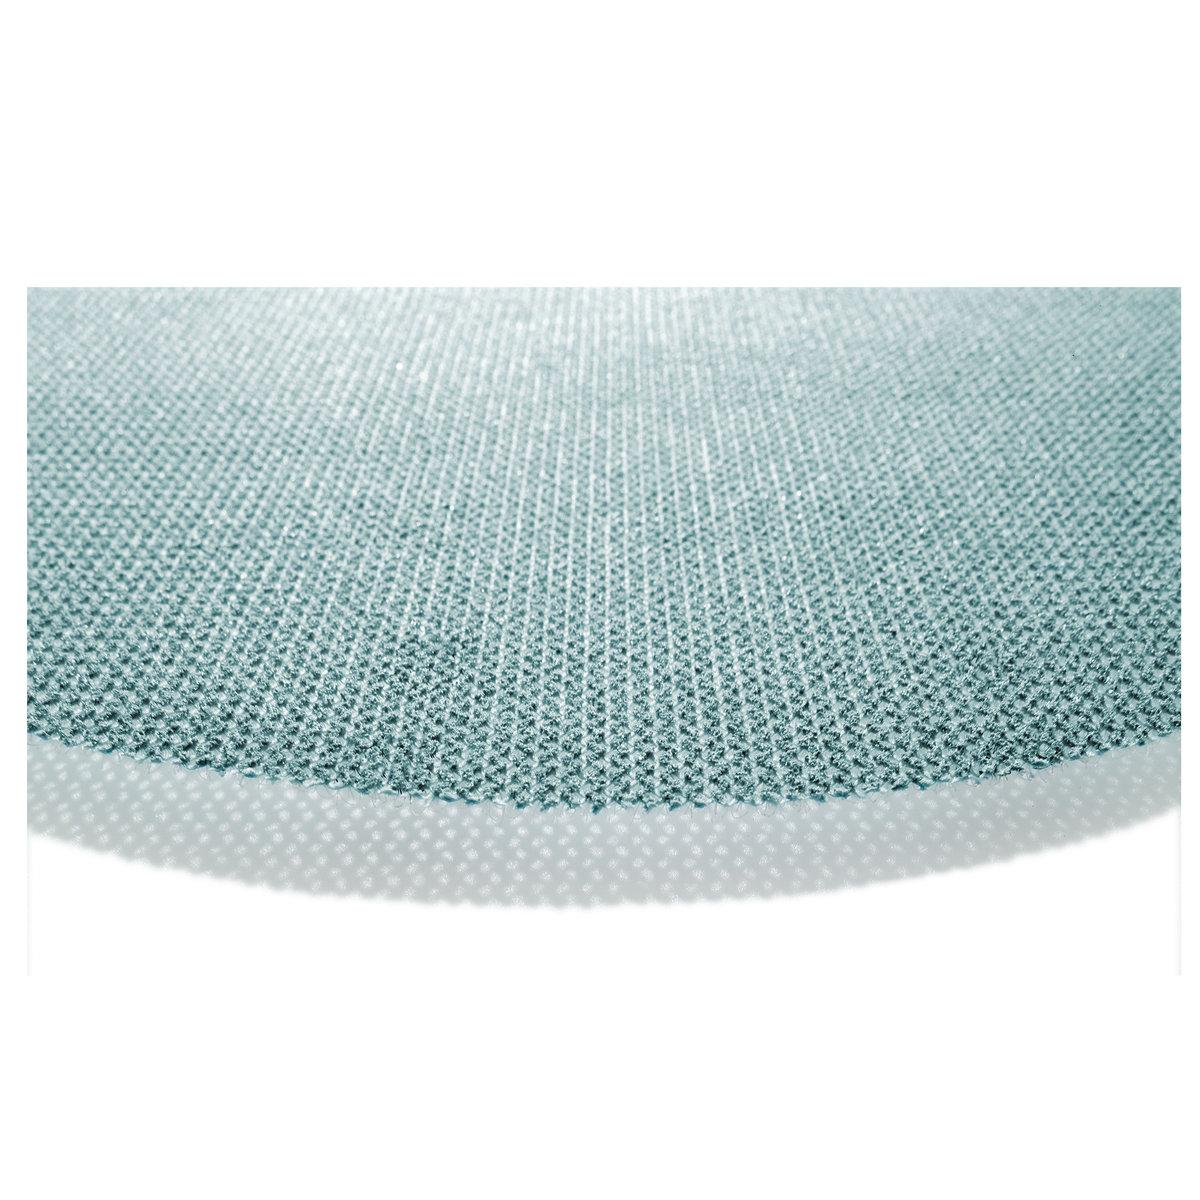 View a Larger Image of Granat Net D225 Sanding Disc, P120, 25 pieces